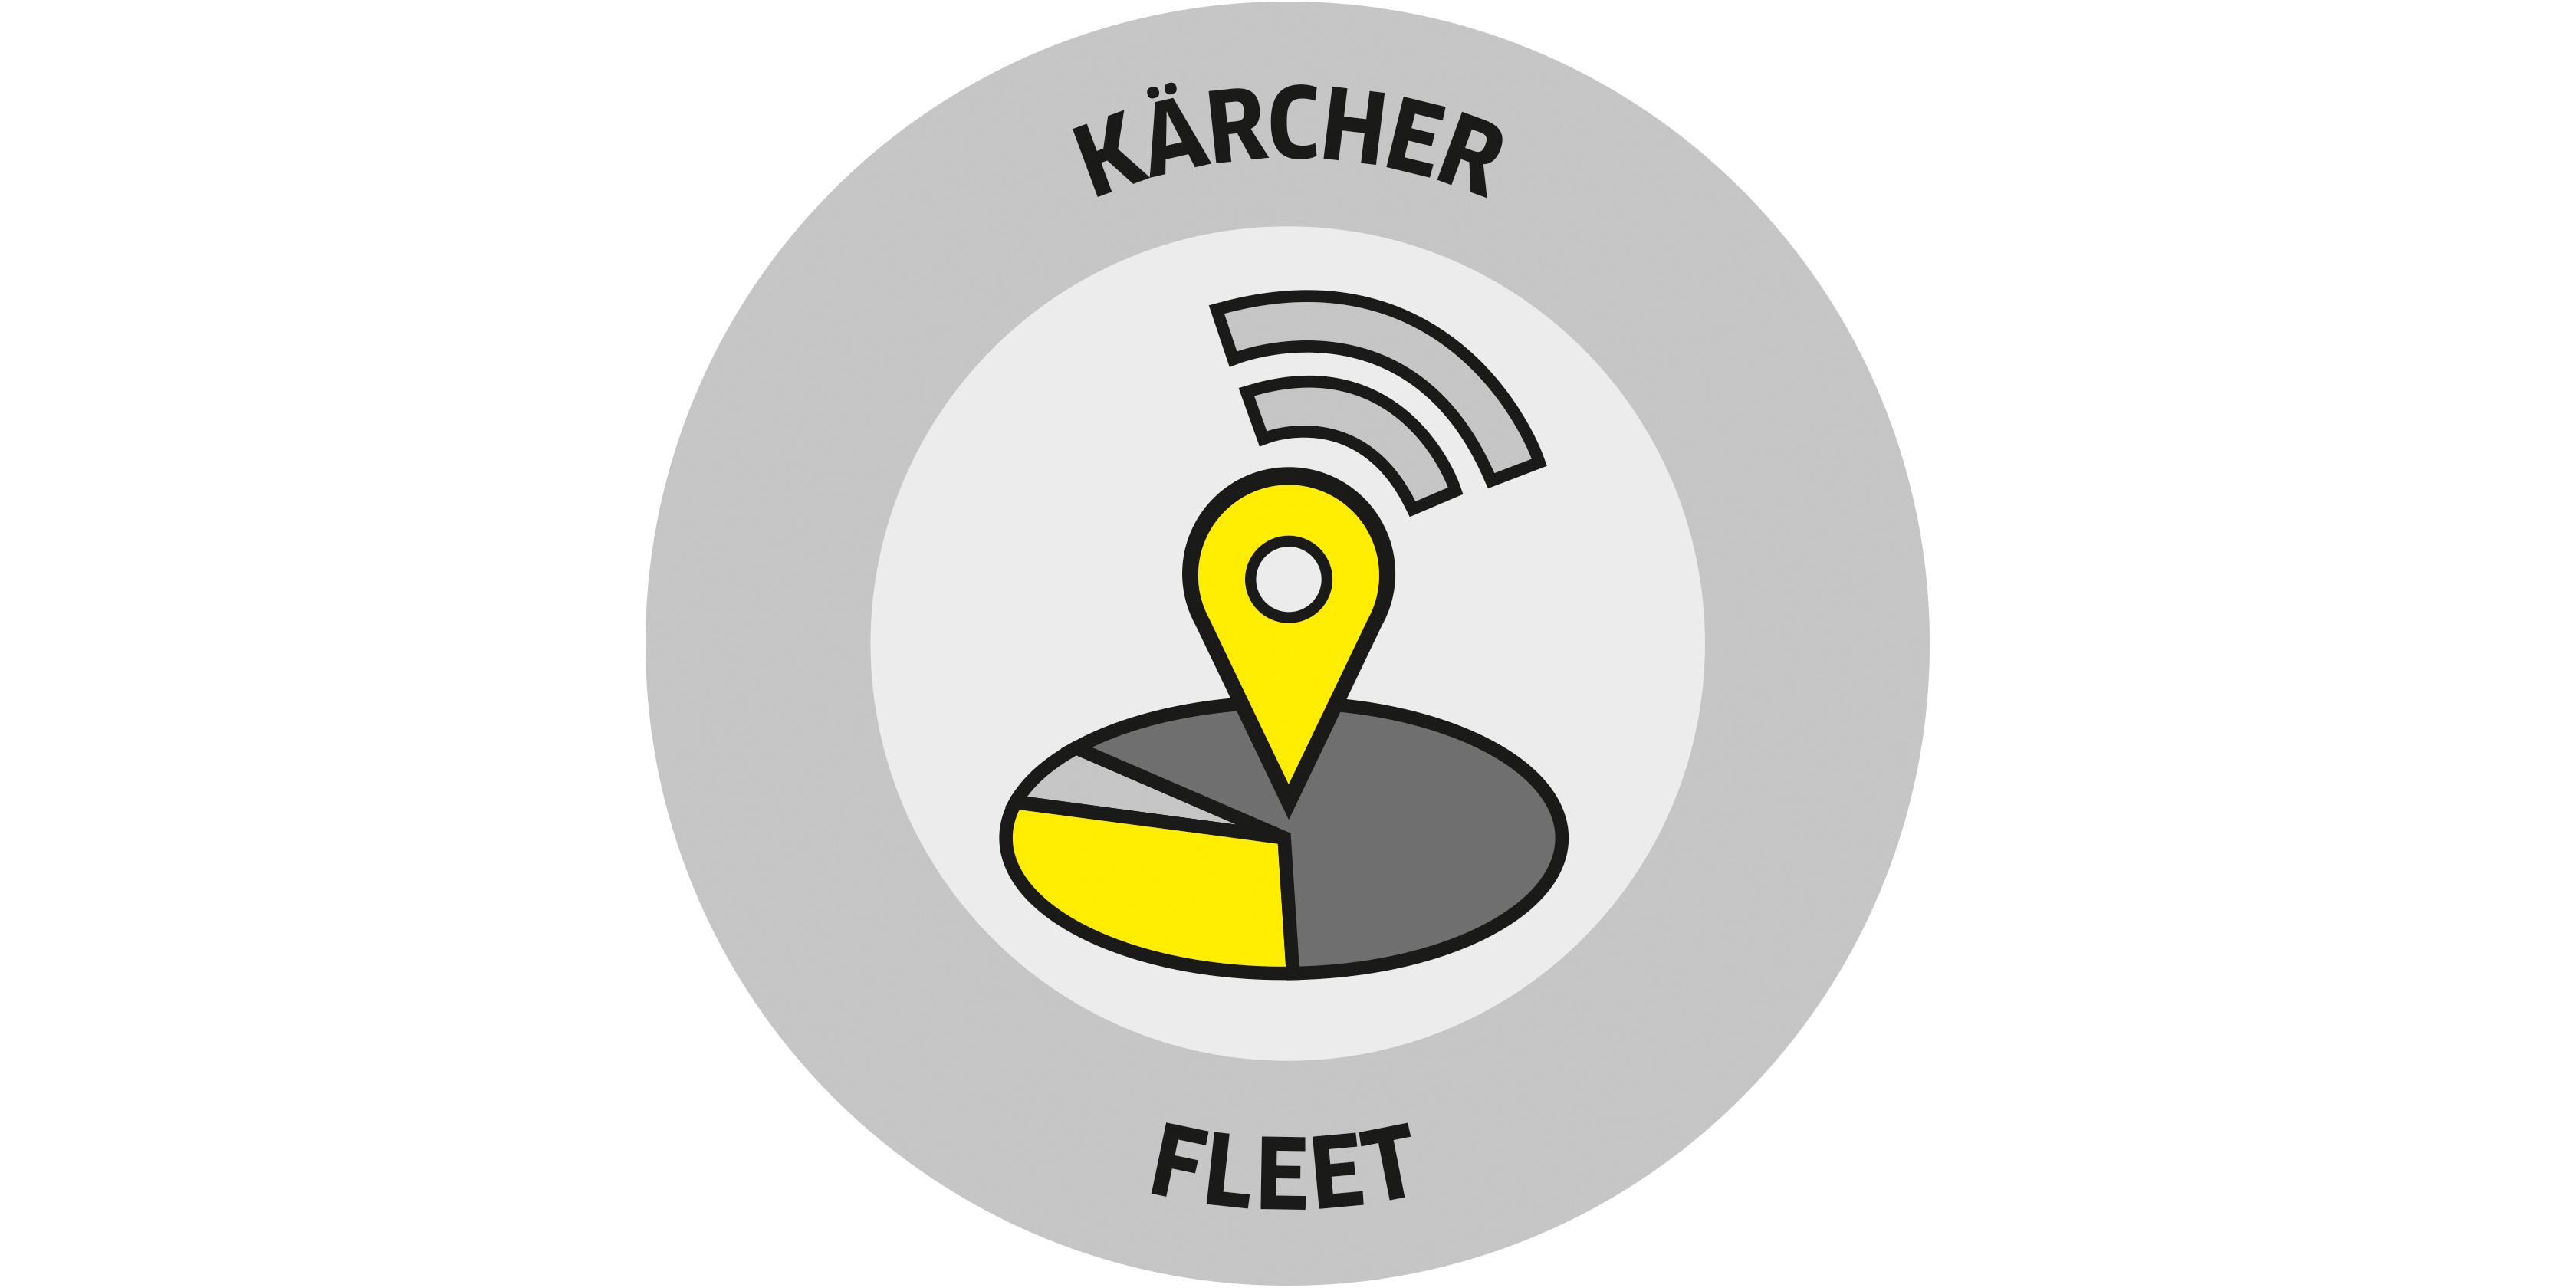 Karcher Fleet